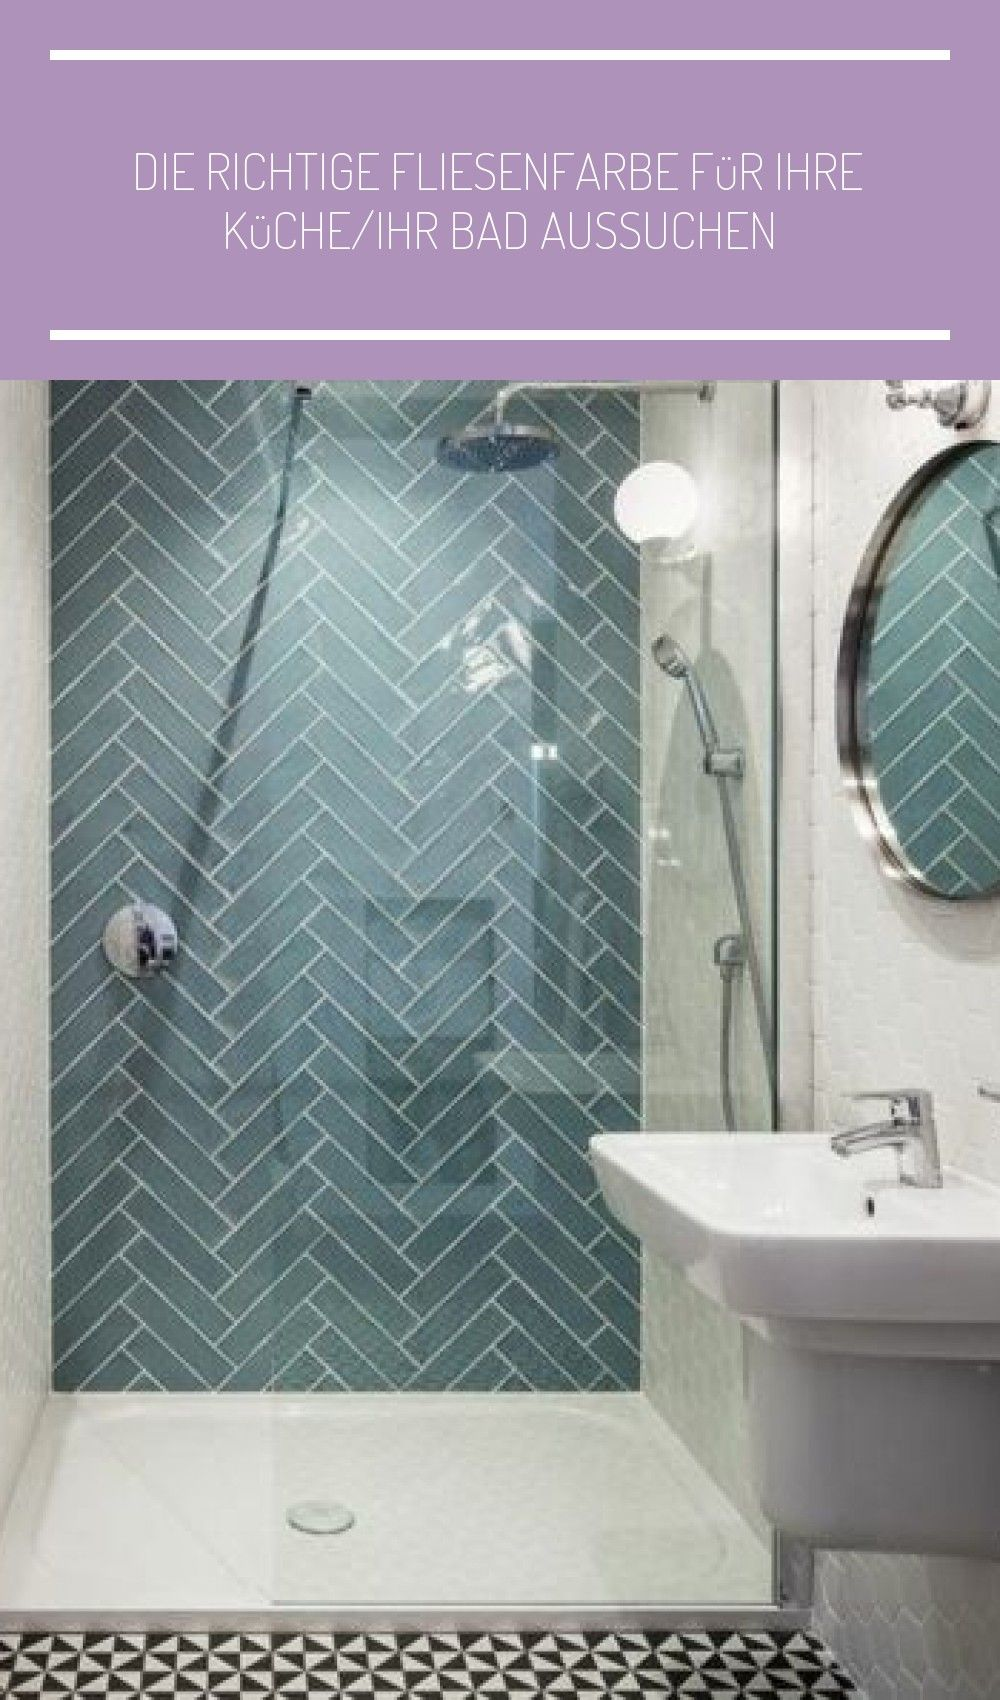 Badfliesen Fliesenfarbe Ideen Kleines Bad Fliesen Altbauwohnung Fliesen Die Richtige Fliesenfarbe Fur Ihre Kuch In 2020 Bathroom Mirror Lighted Bathroom Mirror Mirror